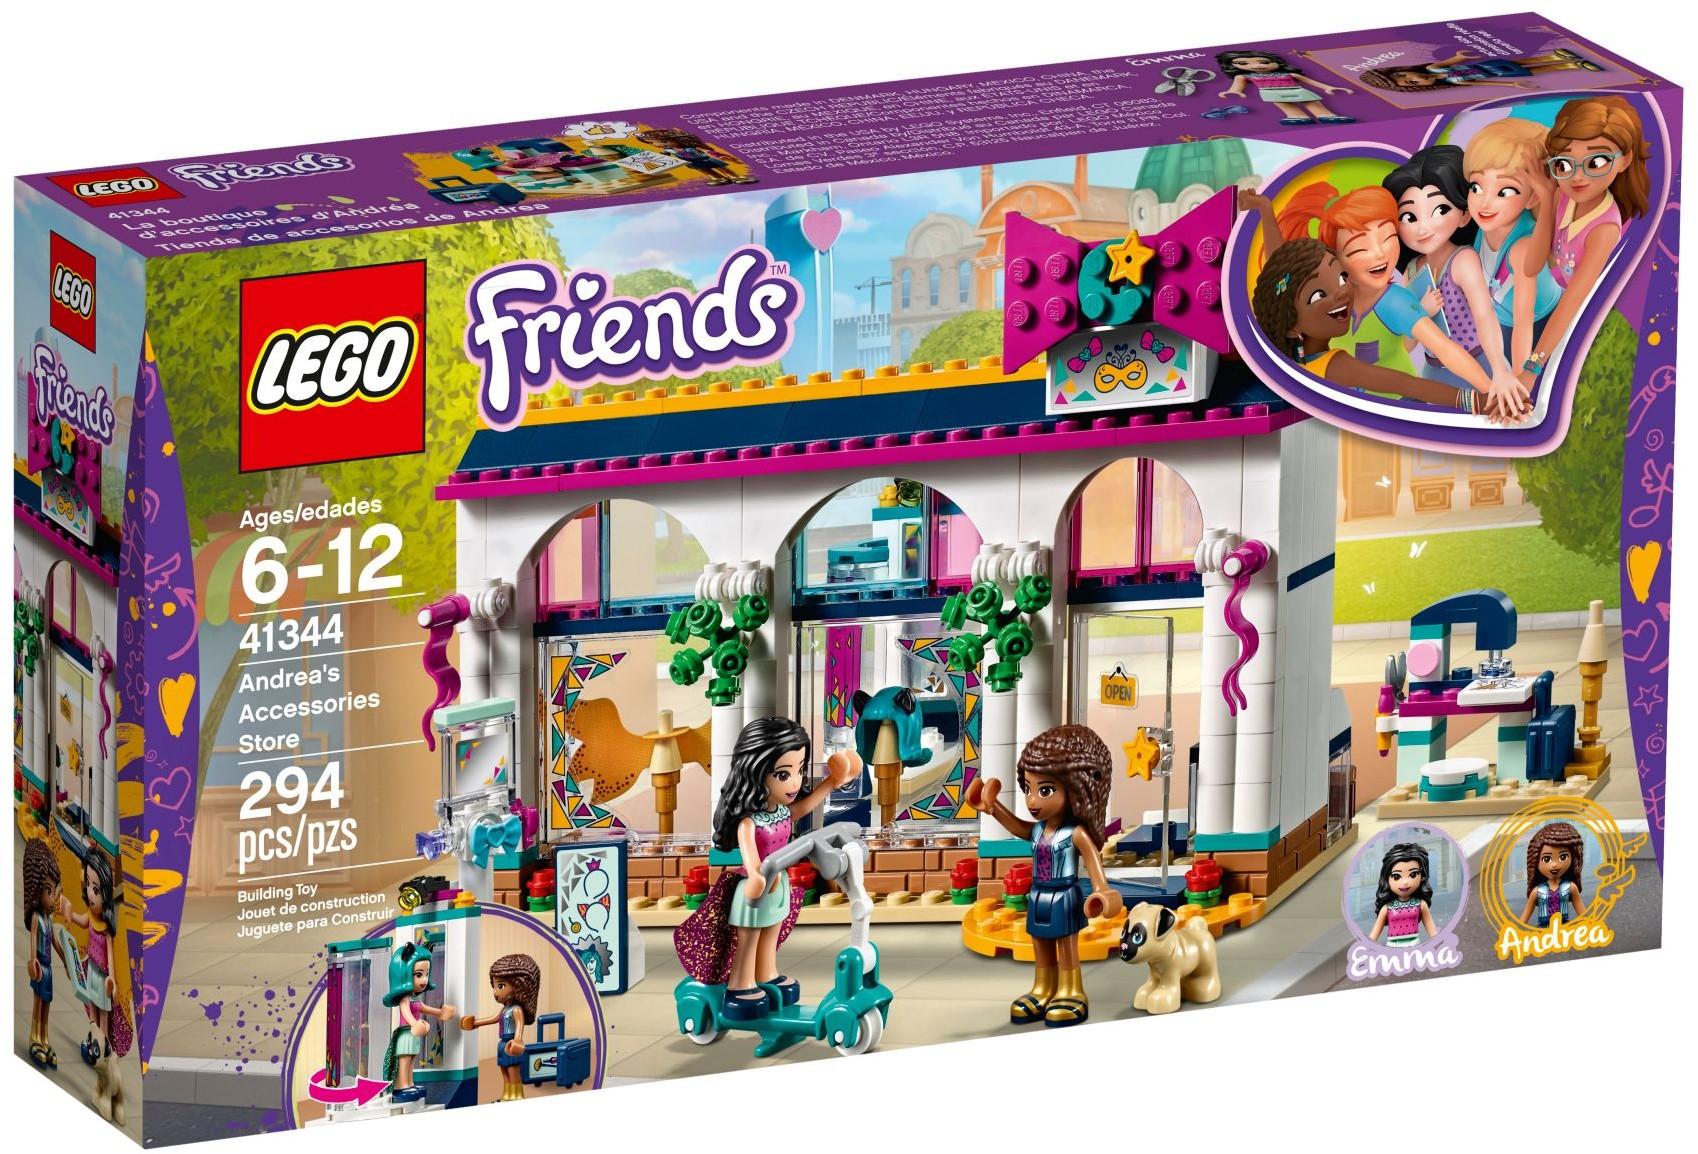 Andreas Accessories Store 41344 Lego Friends Wiki Fandom